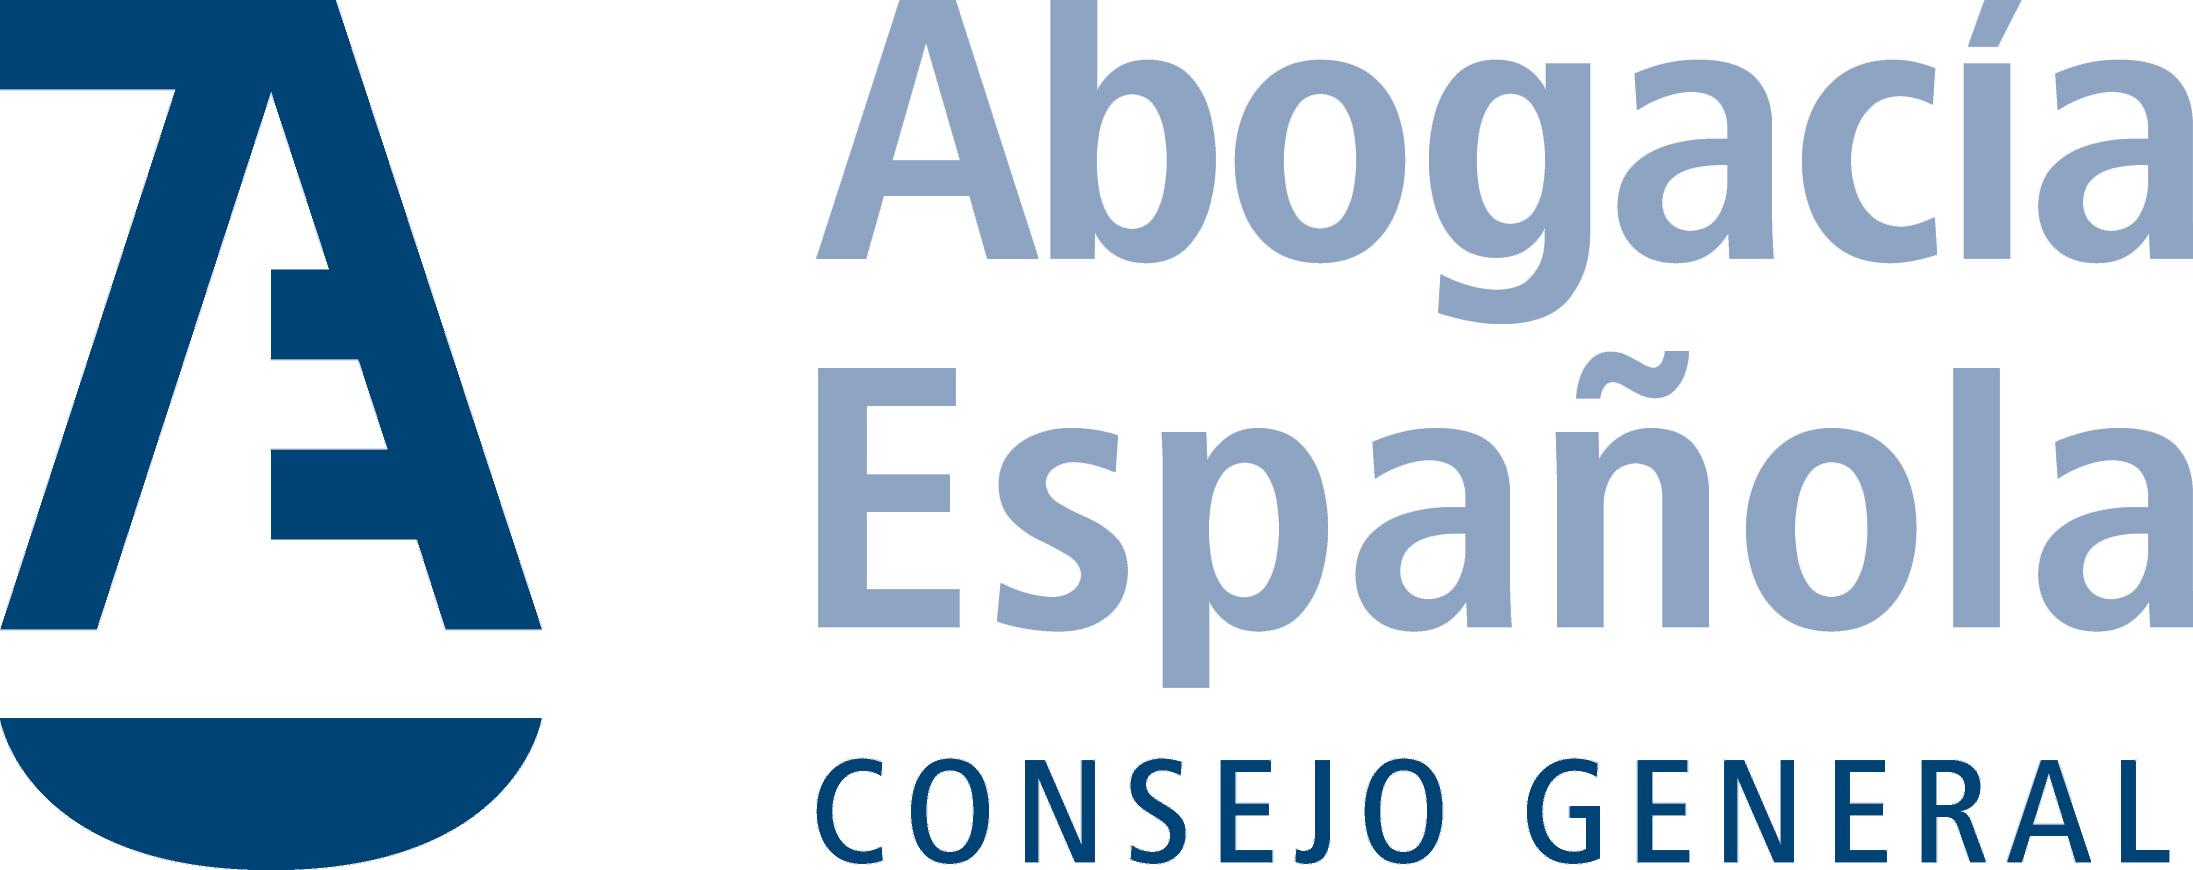 Resultado de imagen de consejo general de la abogacia española